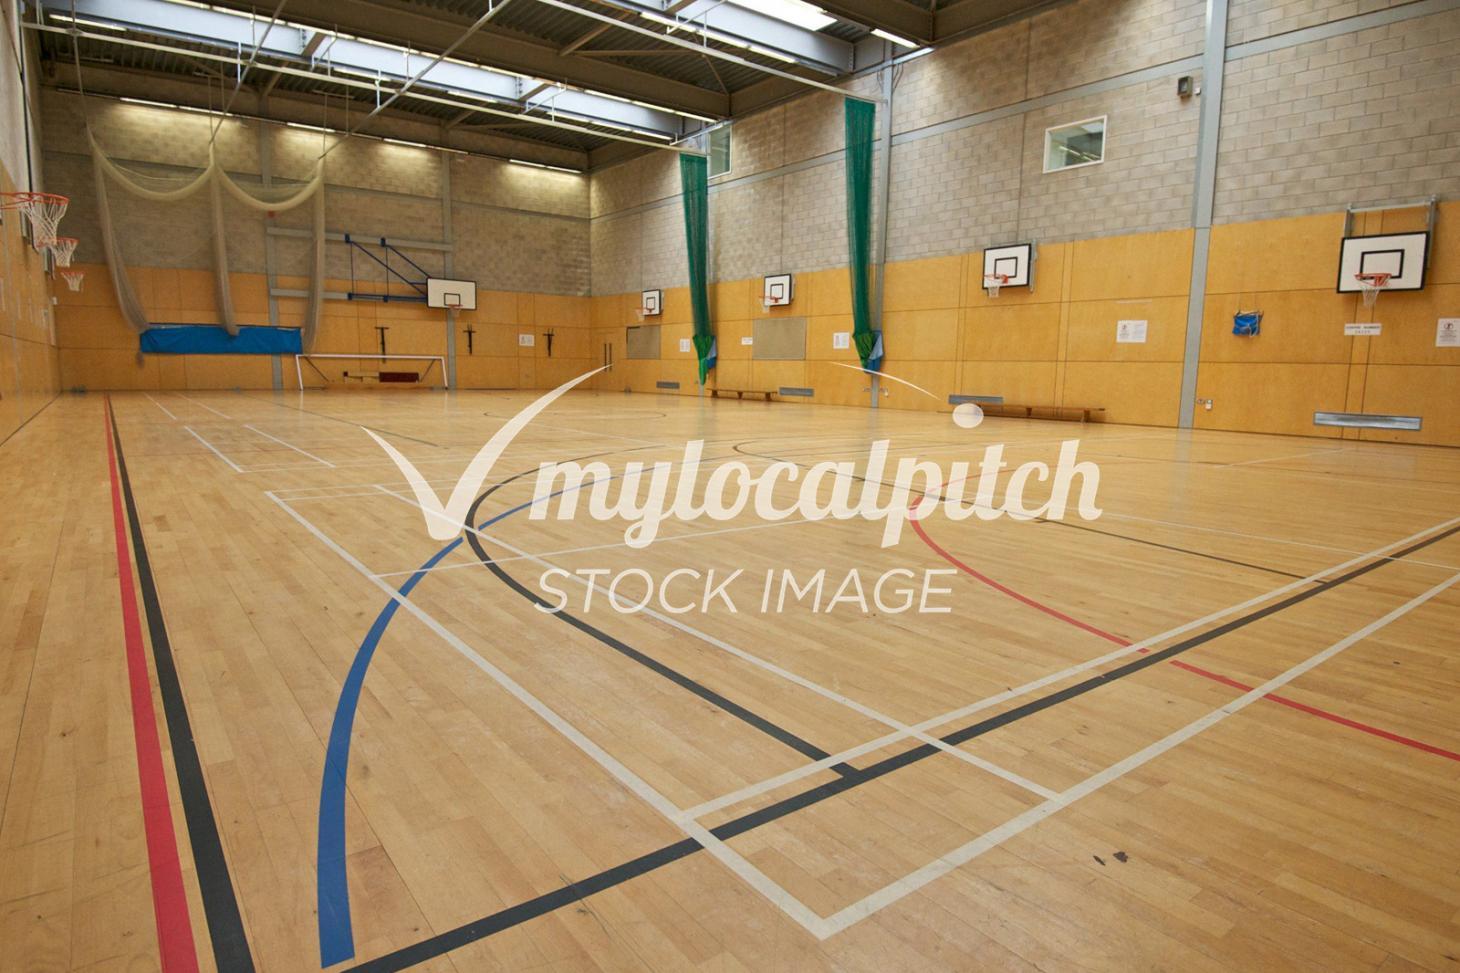 Kingsley Academy Indoor basketball court